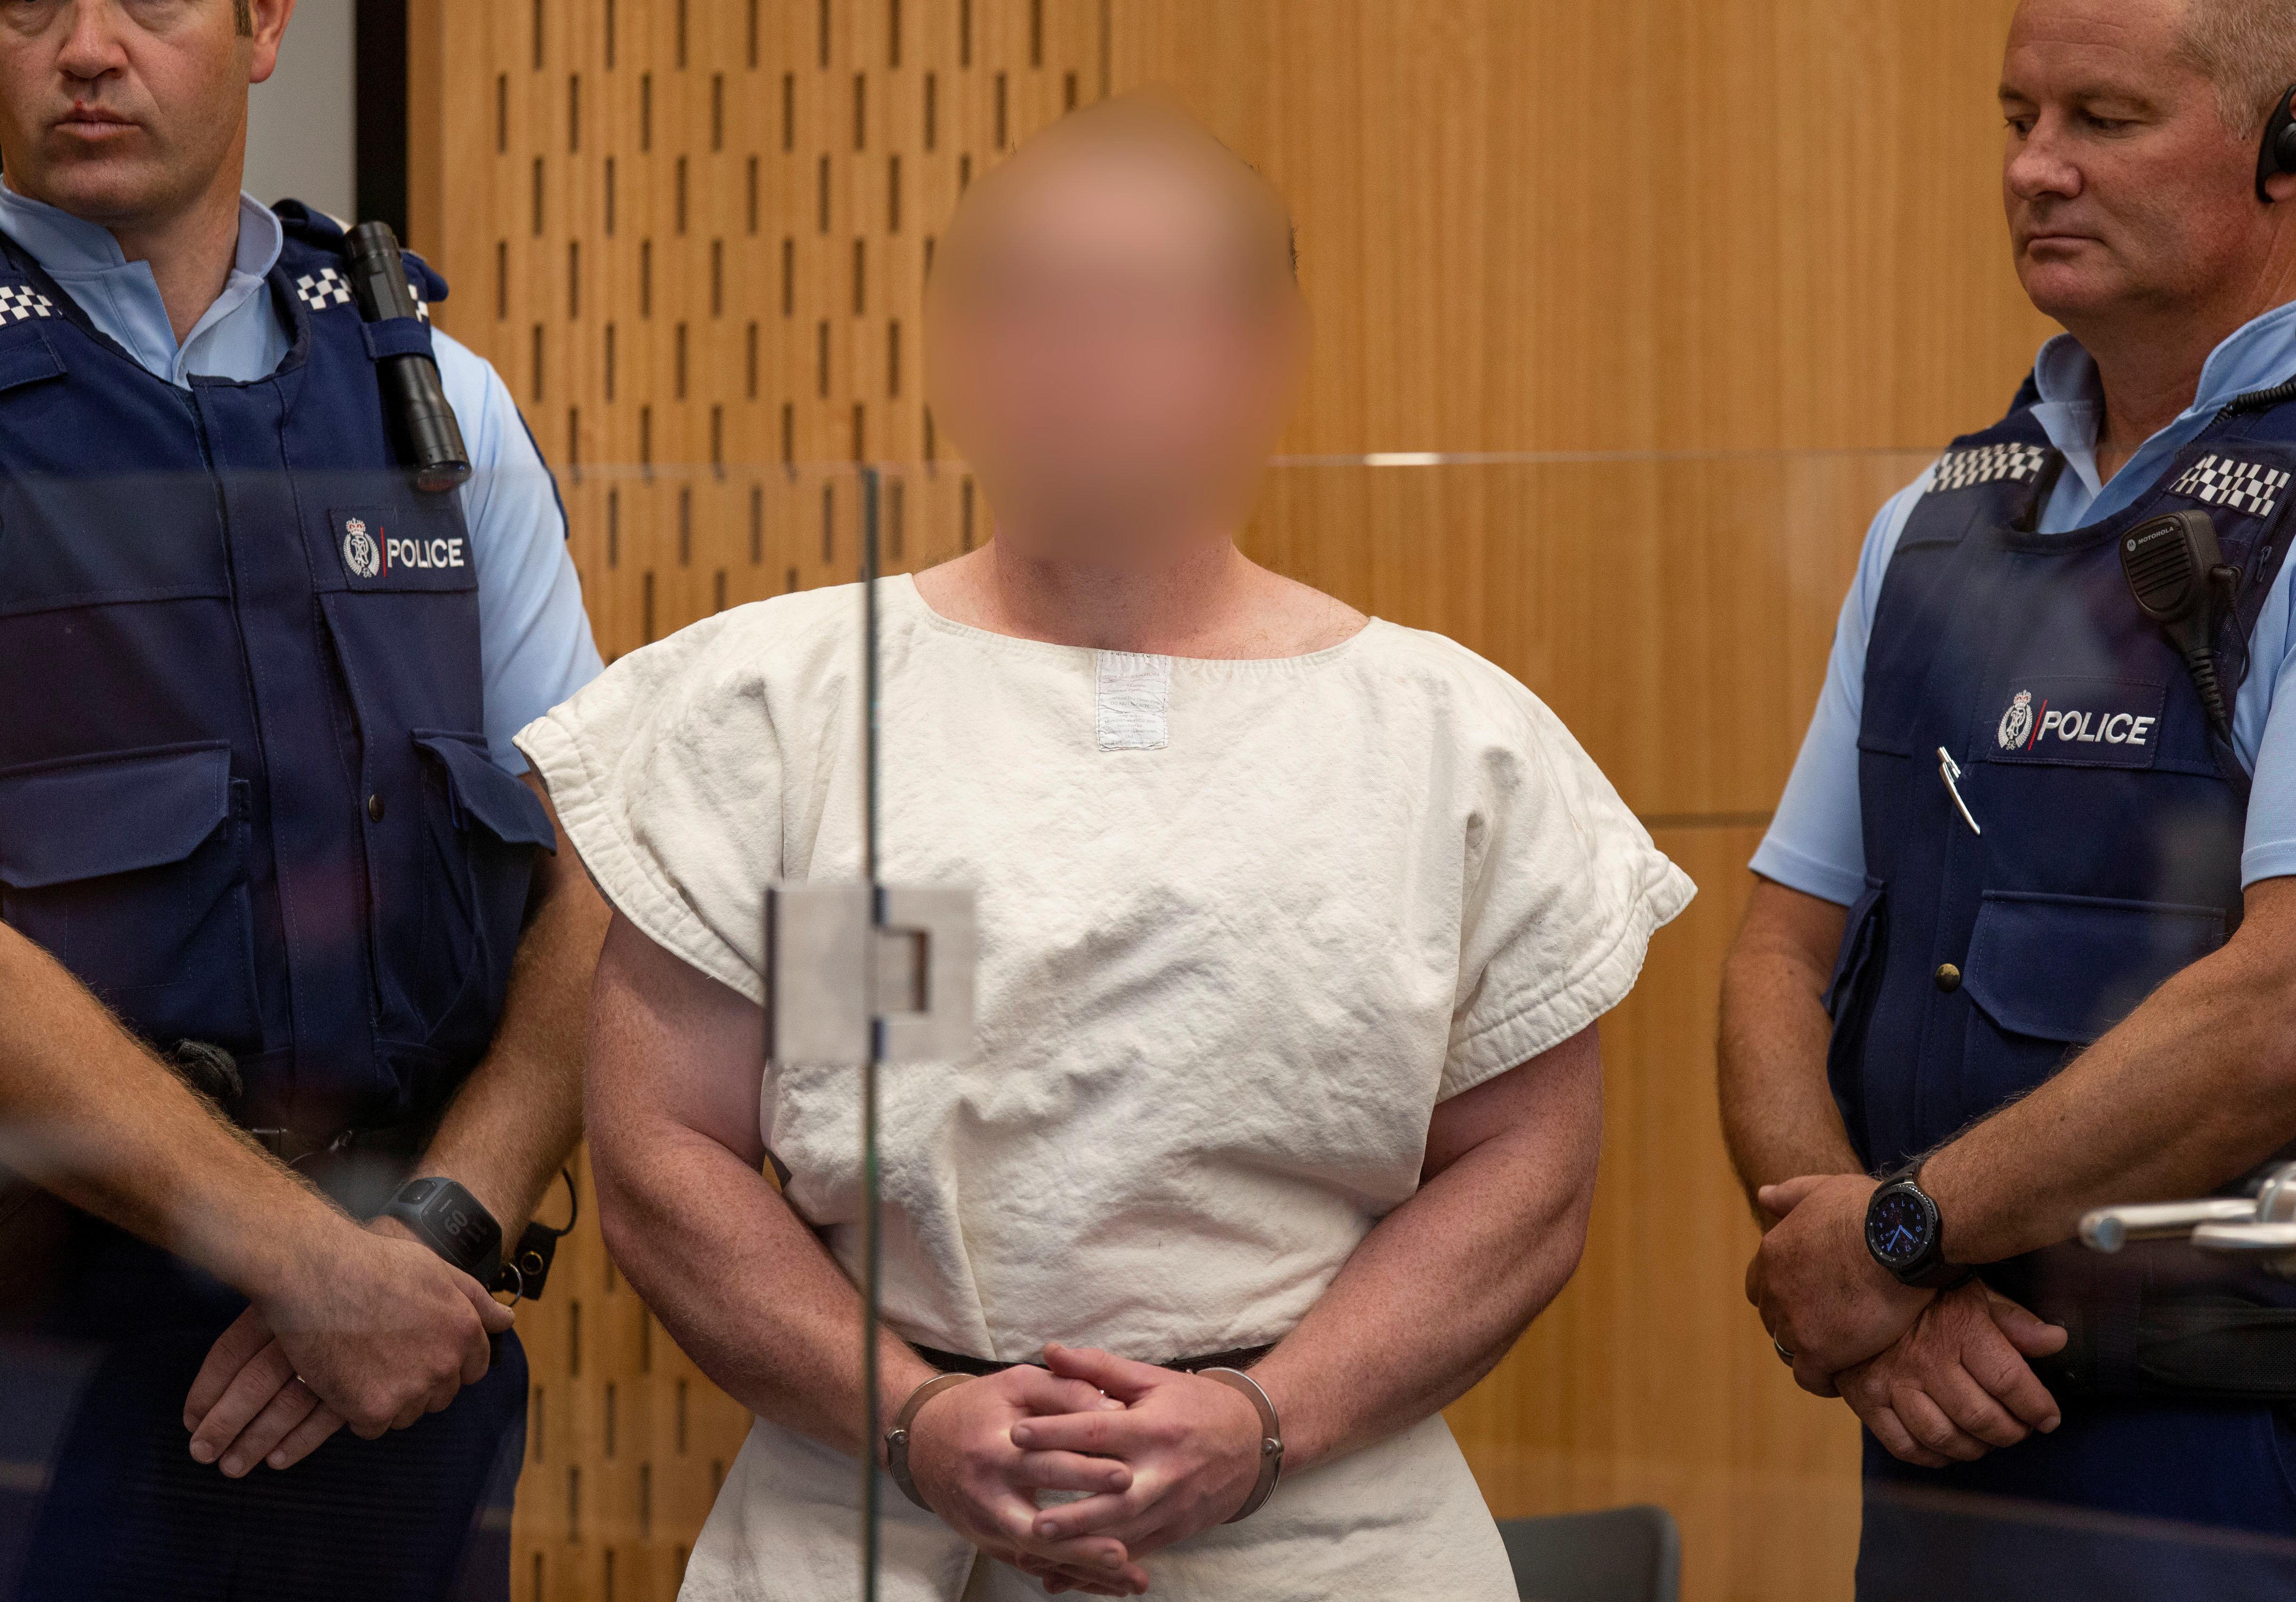 L'auteur des attentats de Christchurch veut assurer seul sa